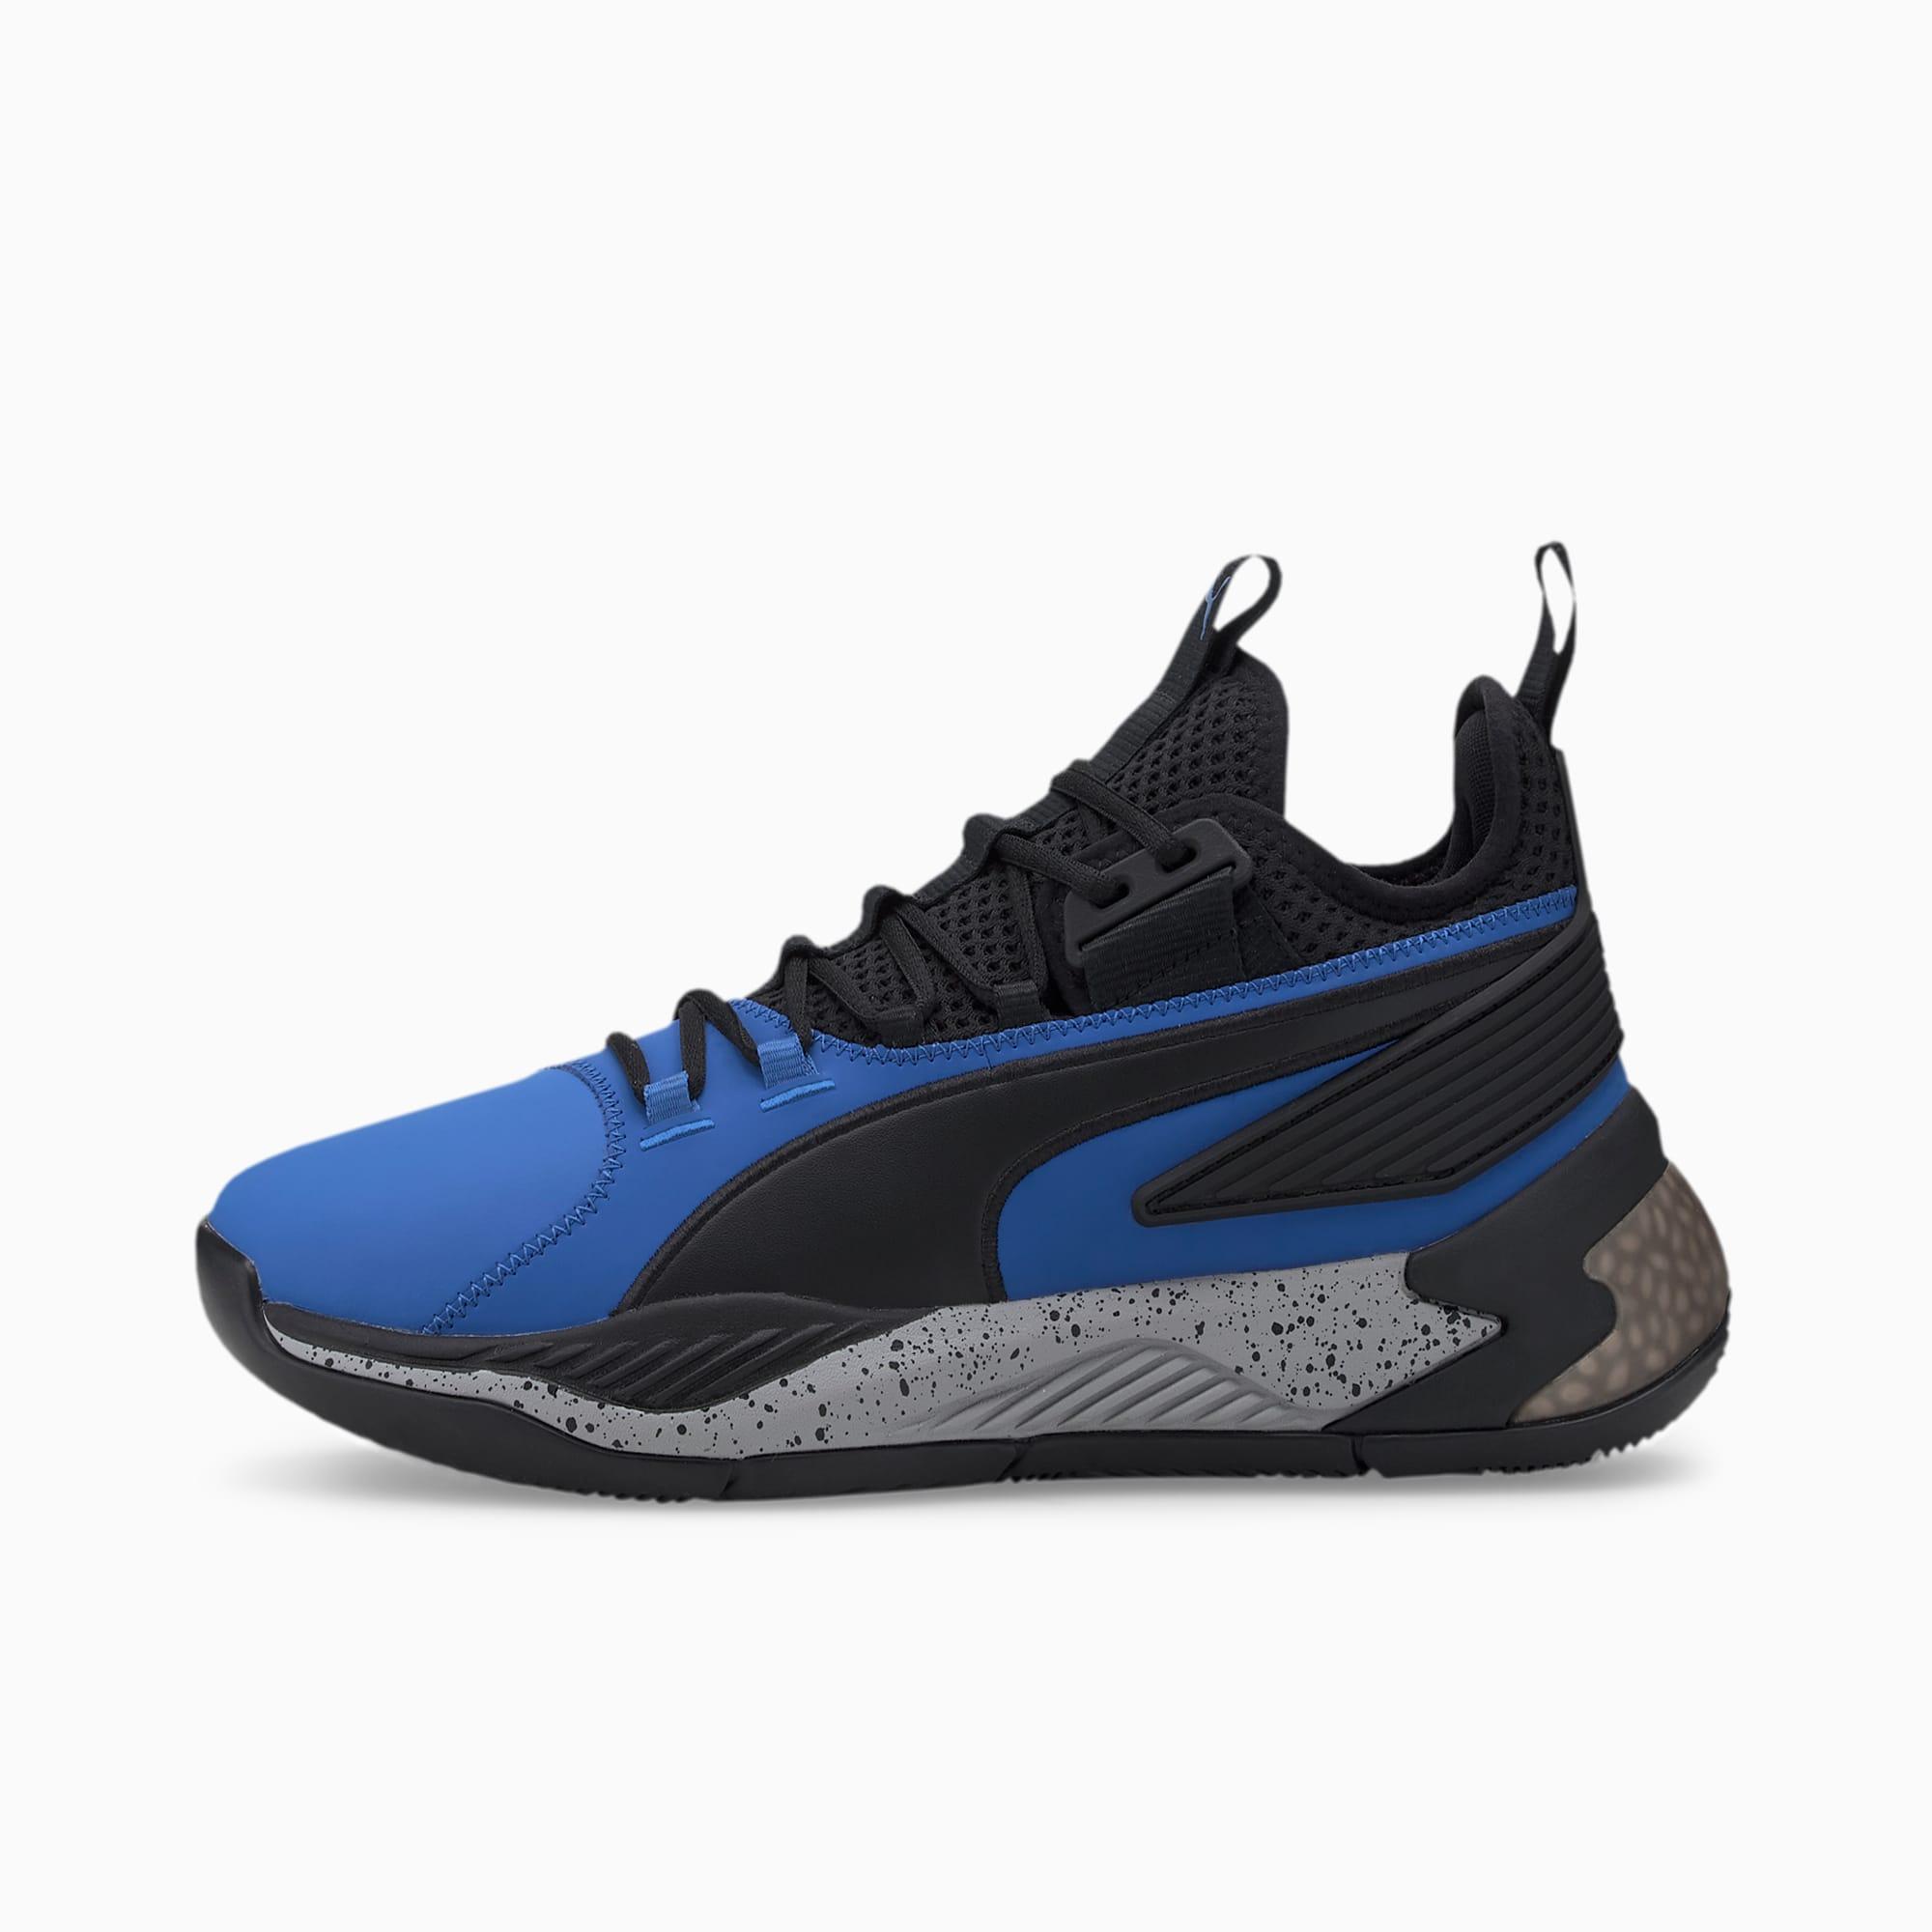 Uproar Core Men's Basketball Shoes